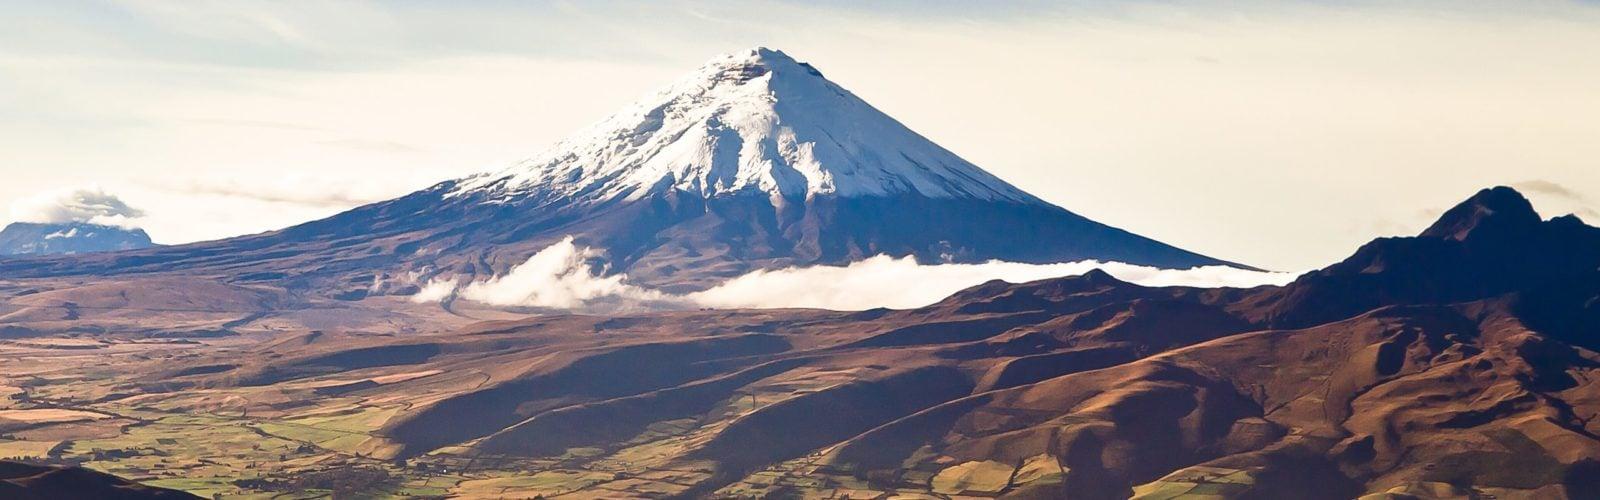 Mount Cotopaxi Ecuador